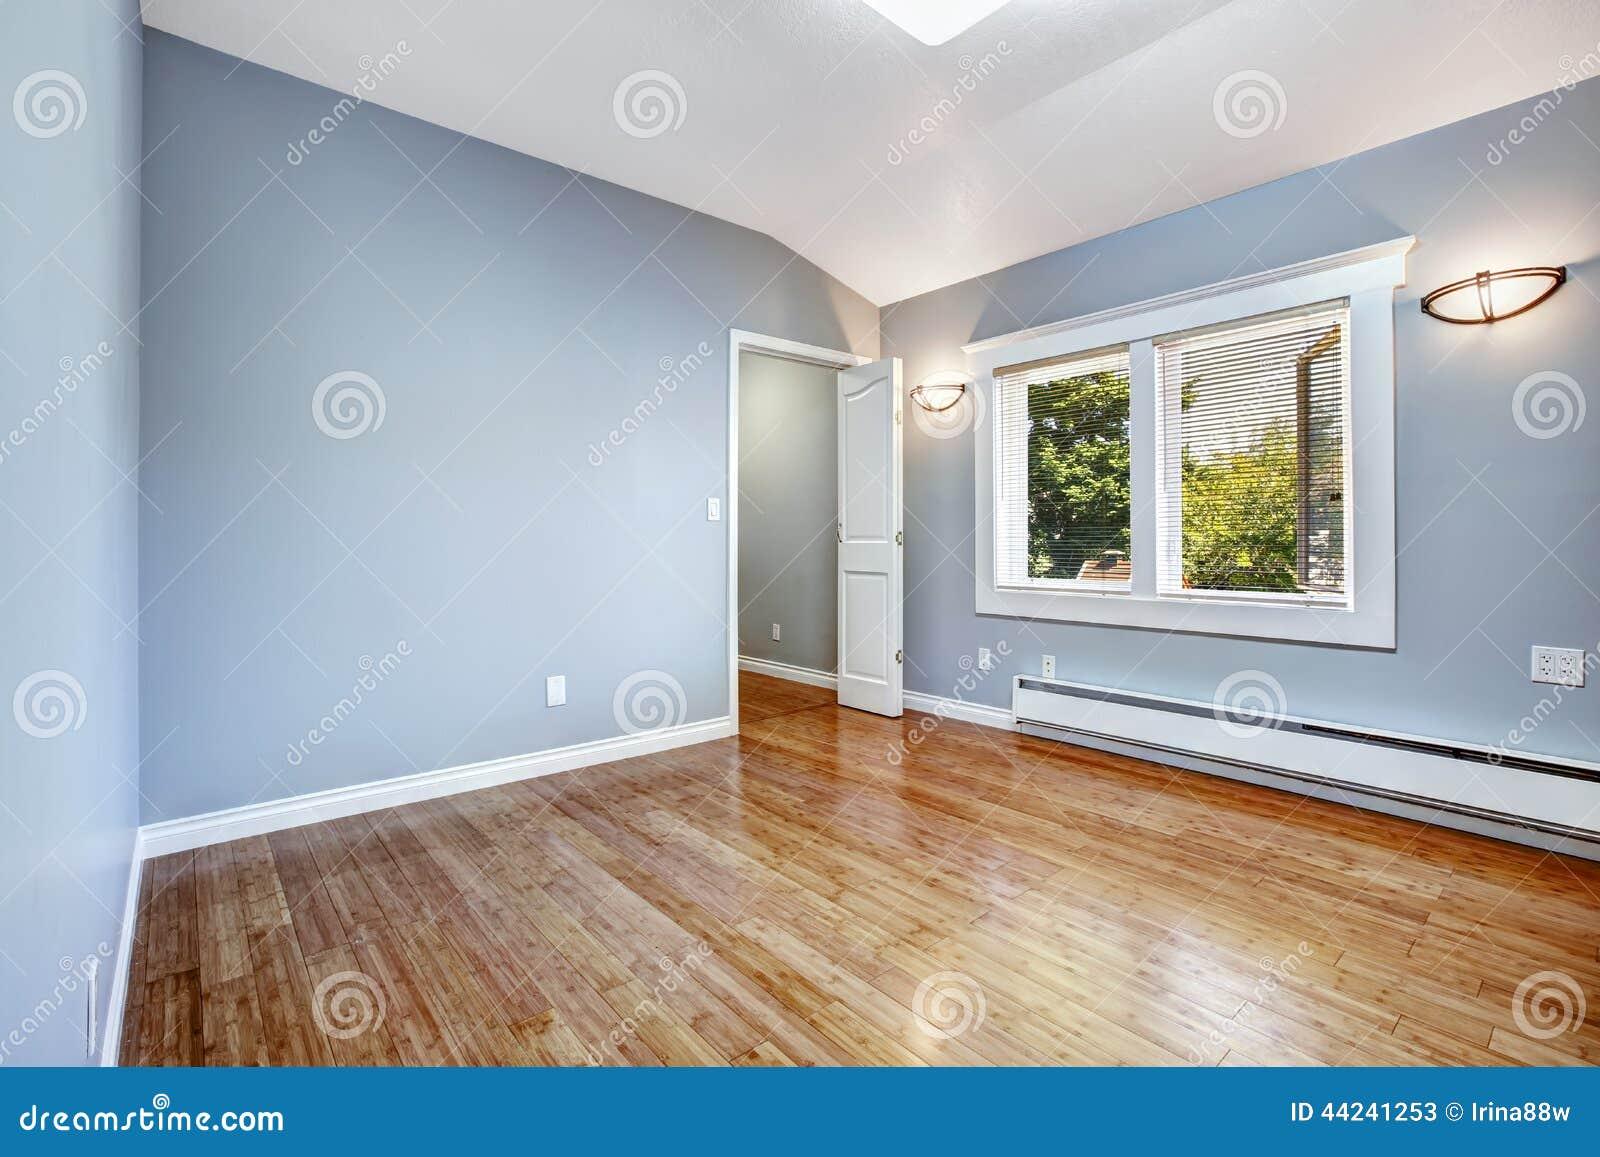 Chambre coucher vide avec les murs bleu clair photo for Chambre vide